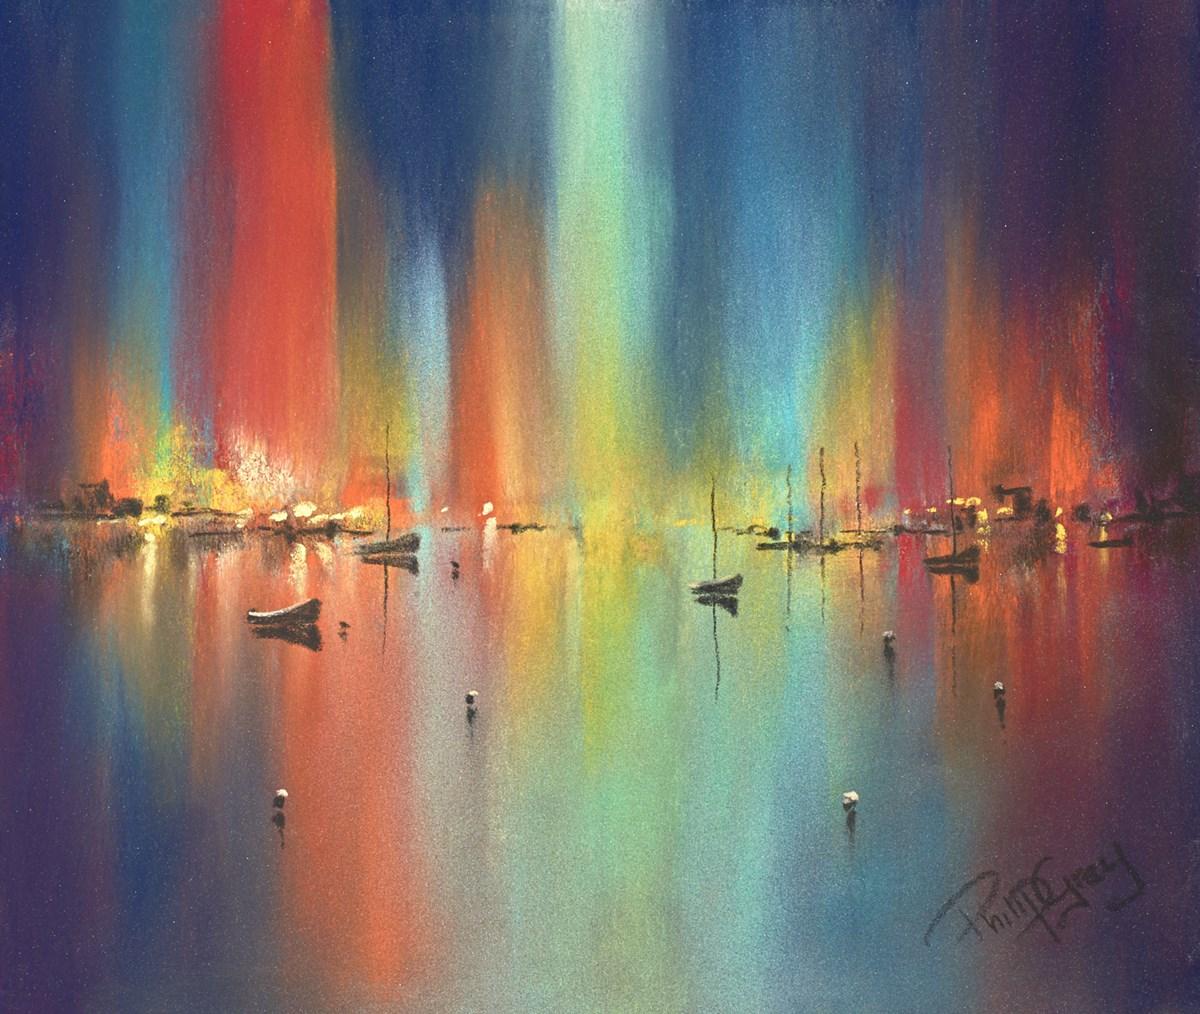 Fiery Lights